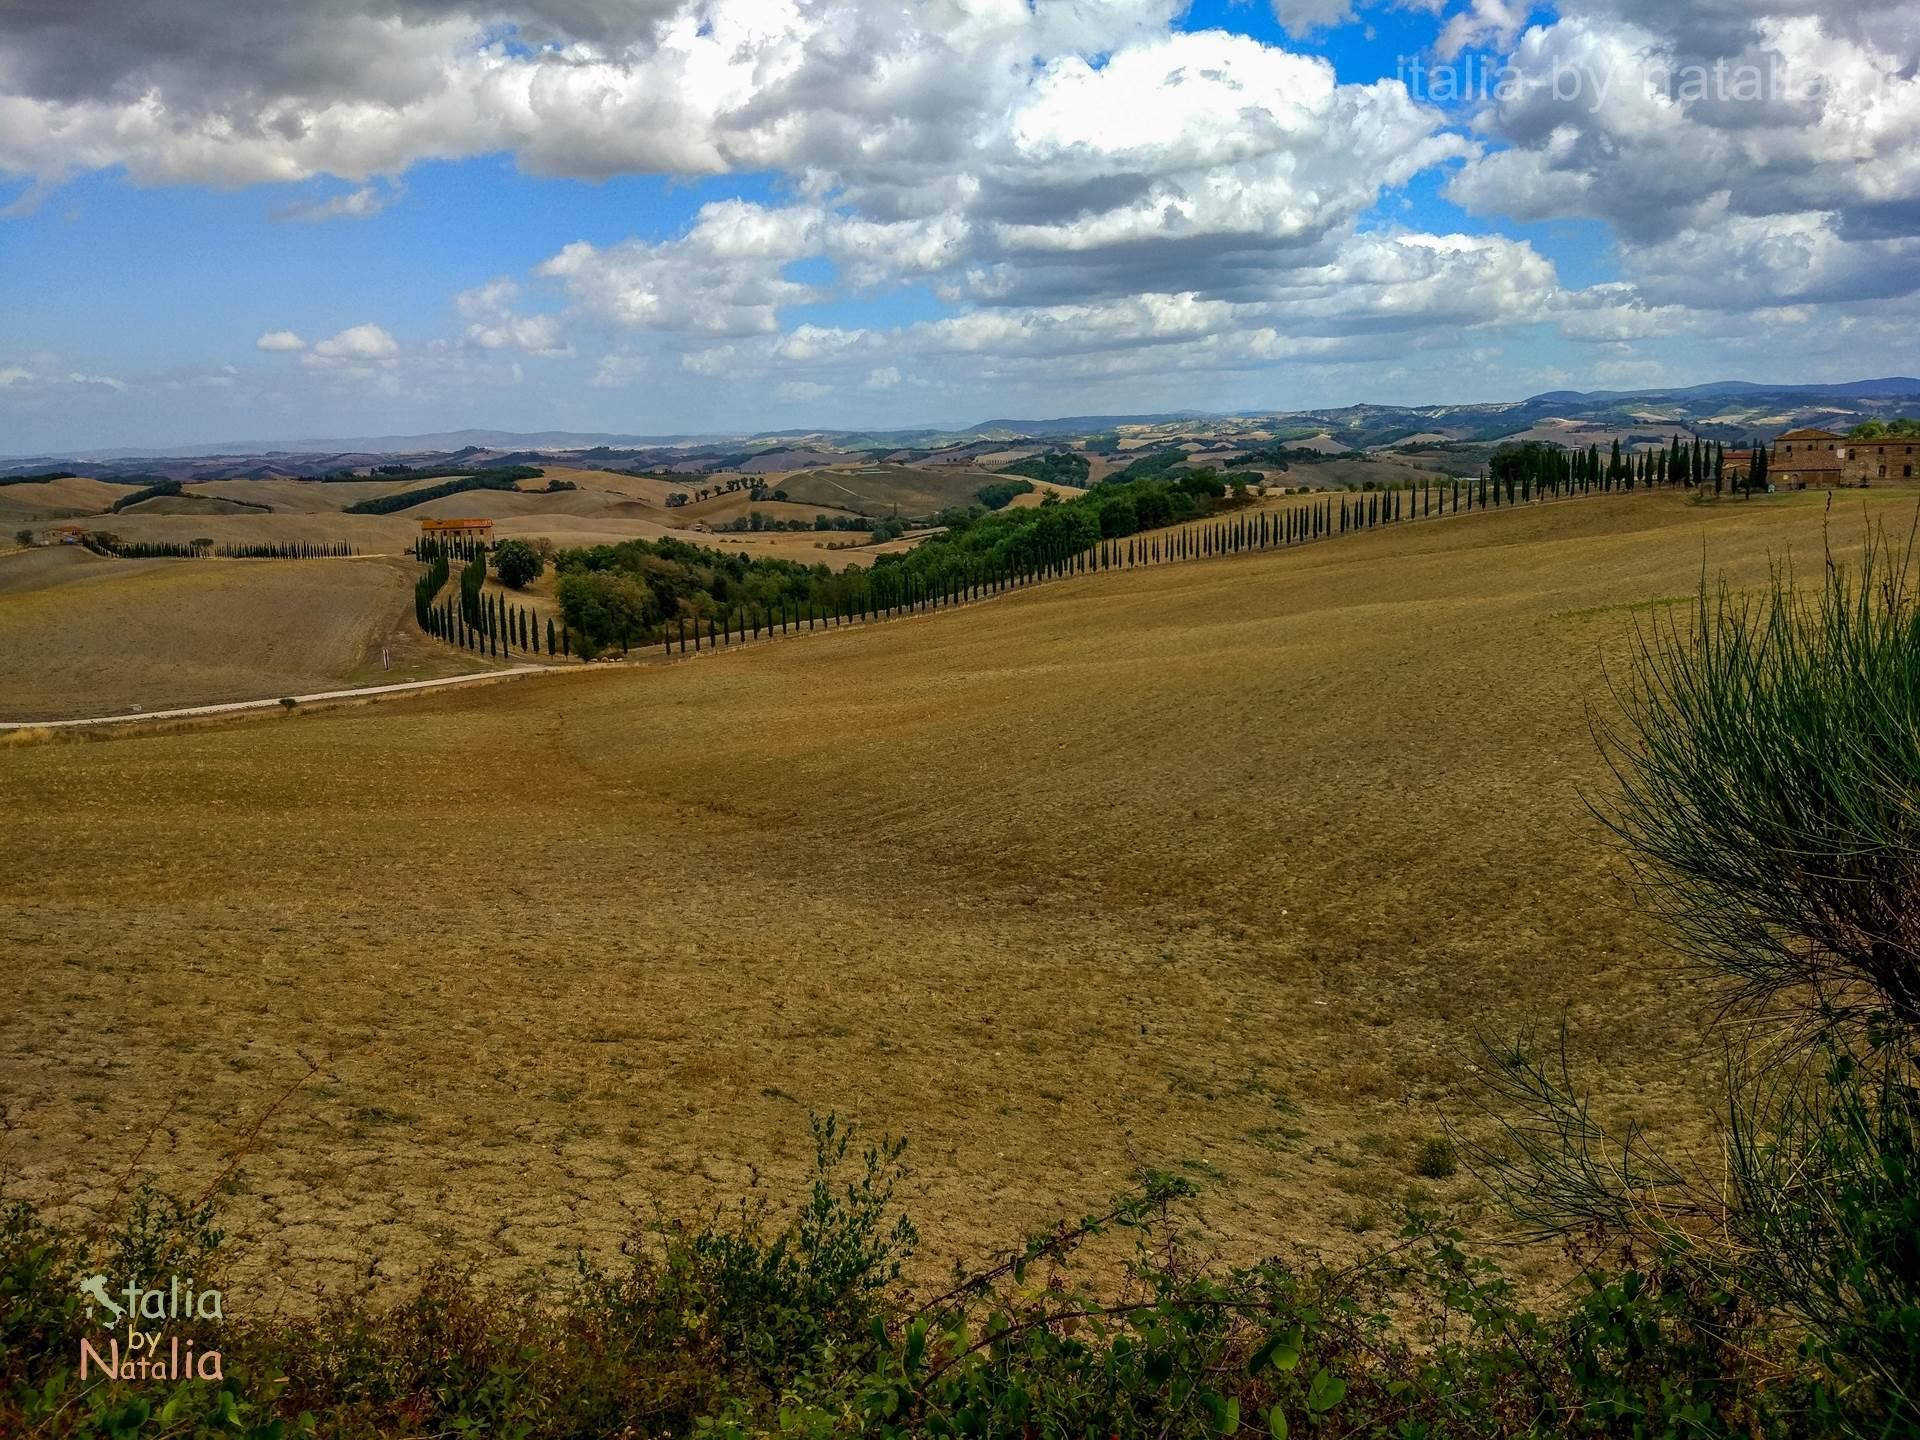 cyprysowa droga Toskania Buonconvento punkt widokowy panorama cyprysowe drogi toskanii